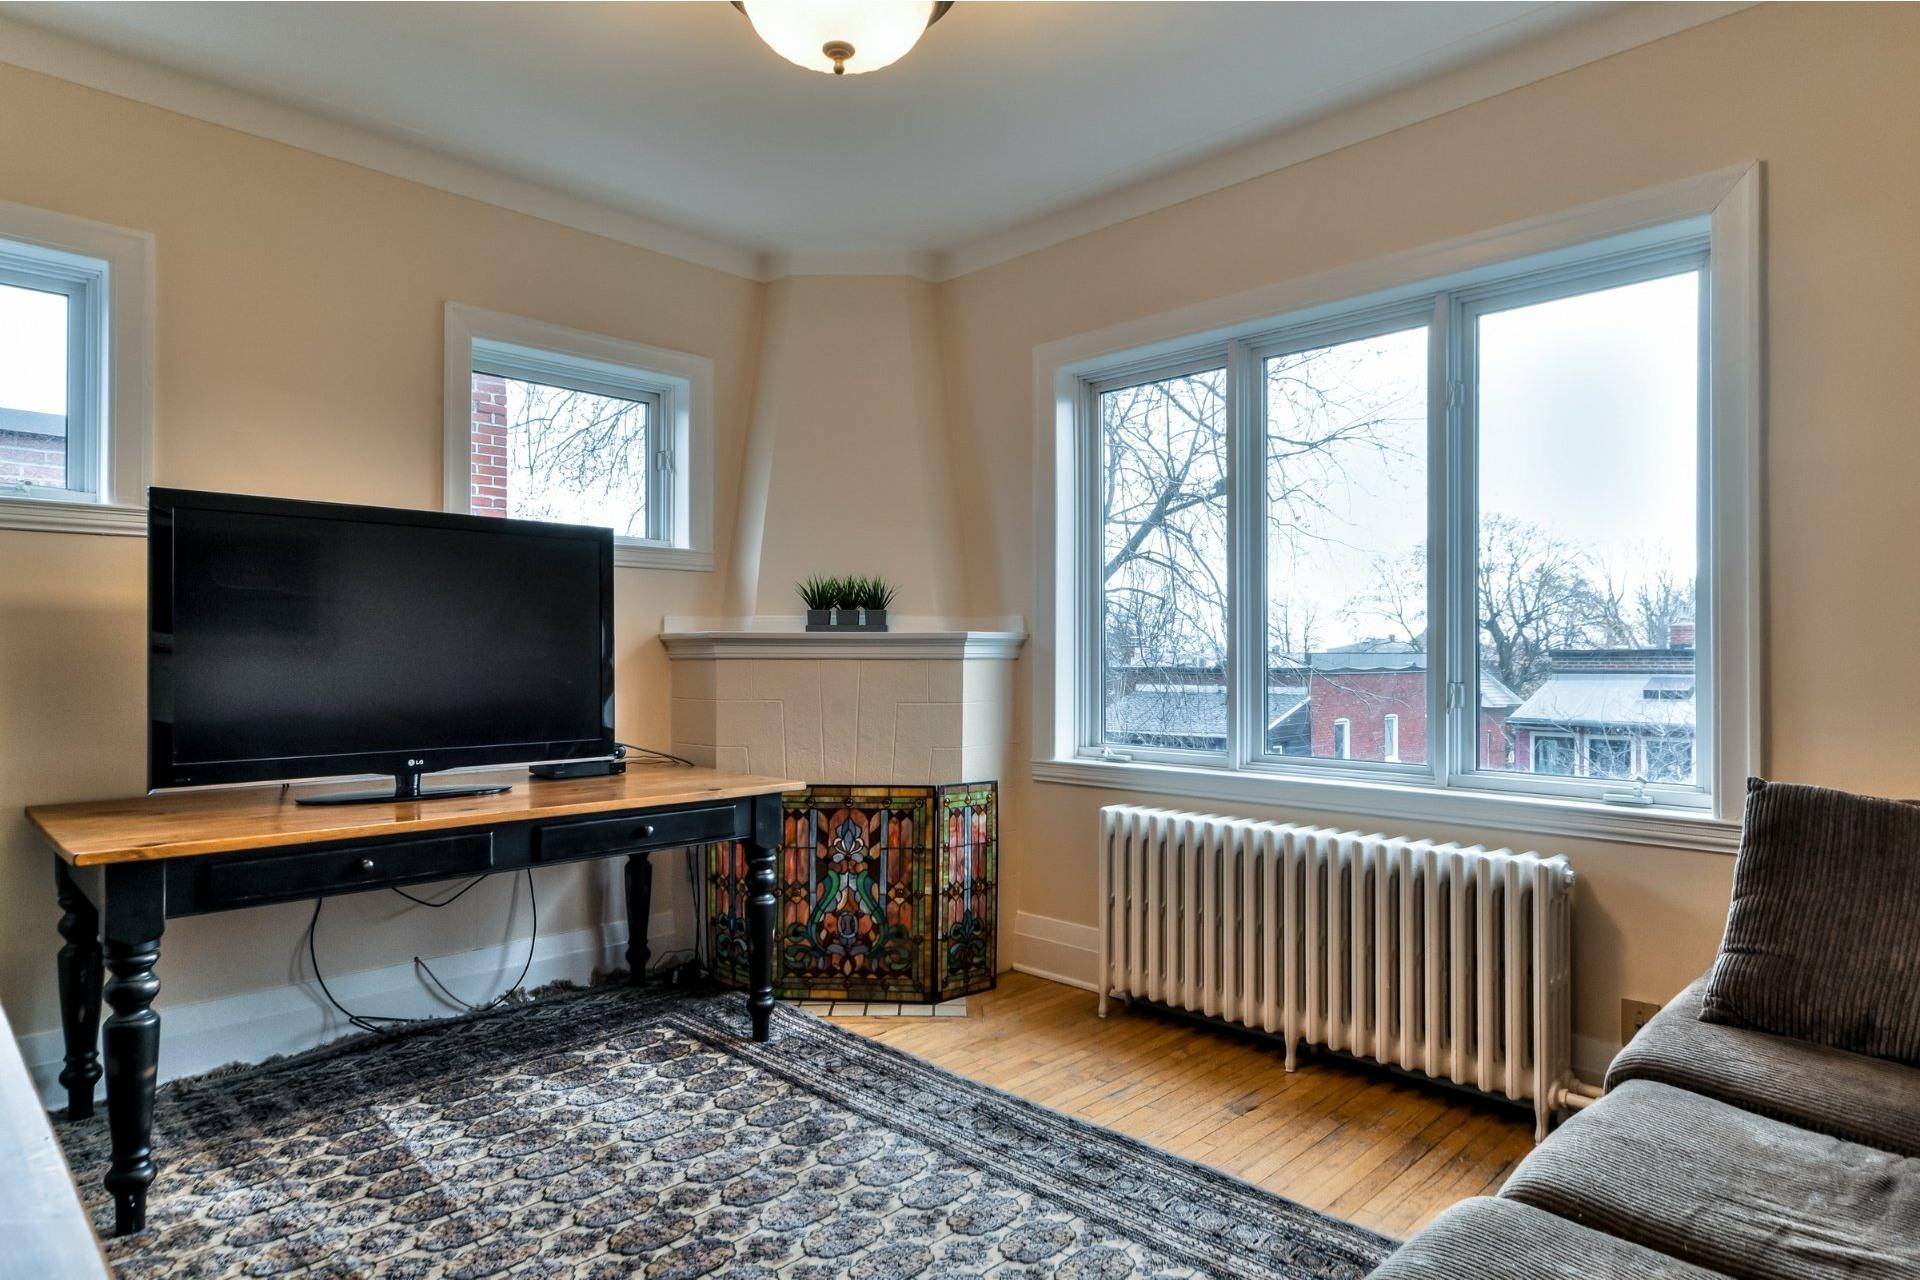 image 26 - Maison À vendre Côte-des-Neiges/Notre-Dame-de-Grâce Montréal  - 13 pièces